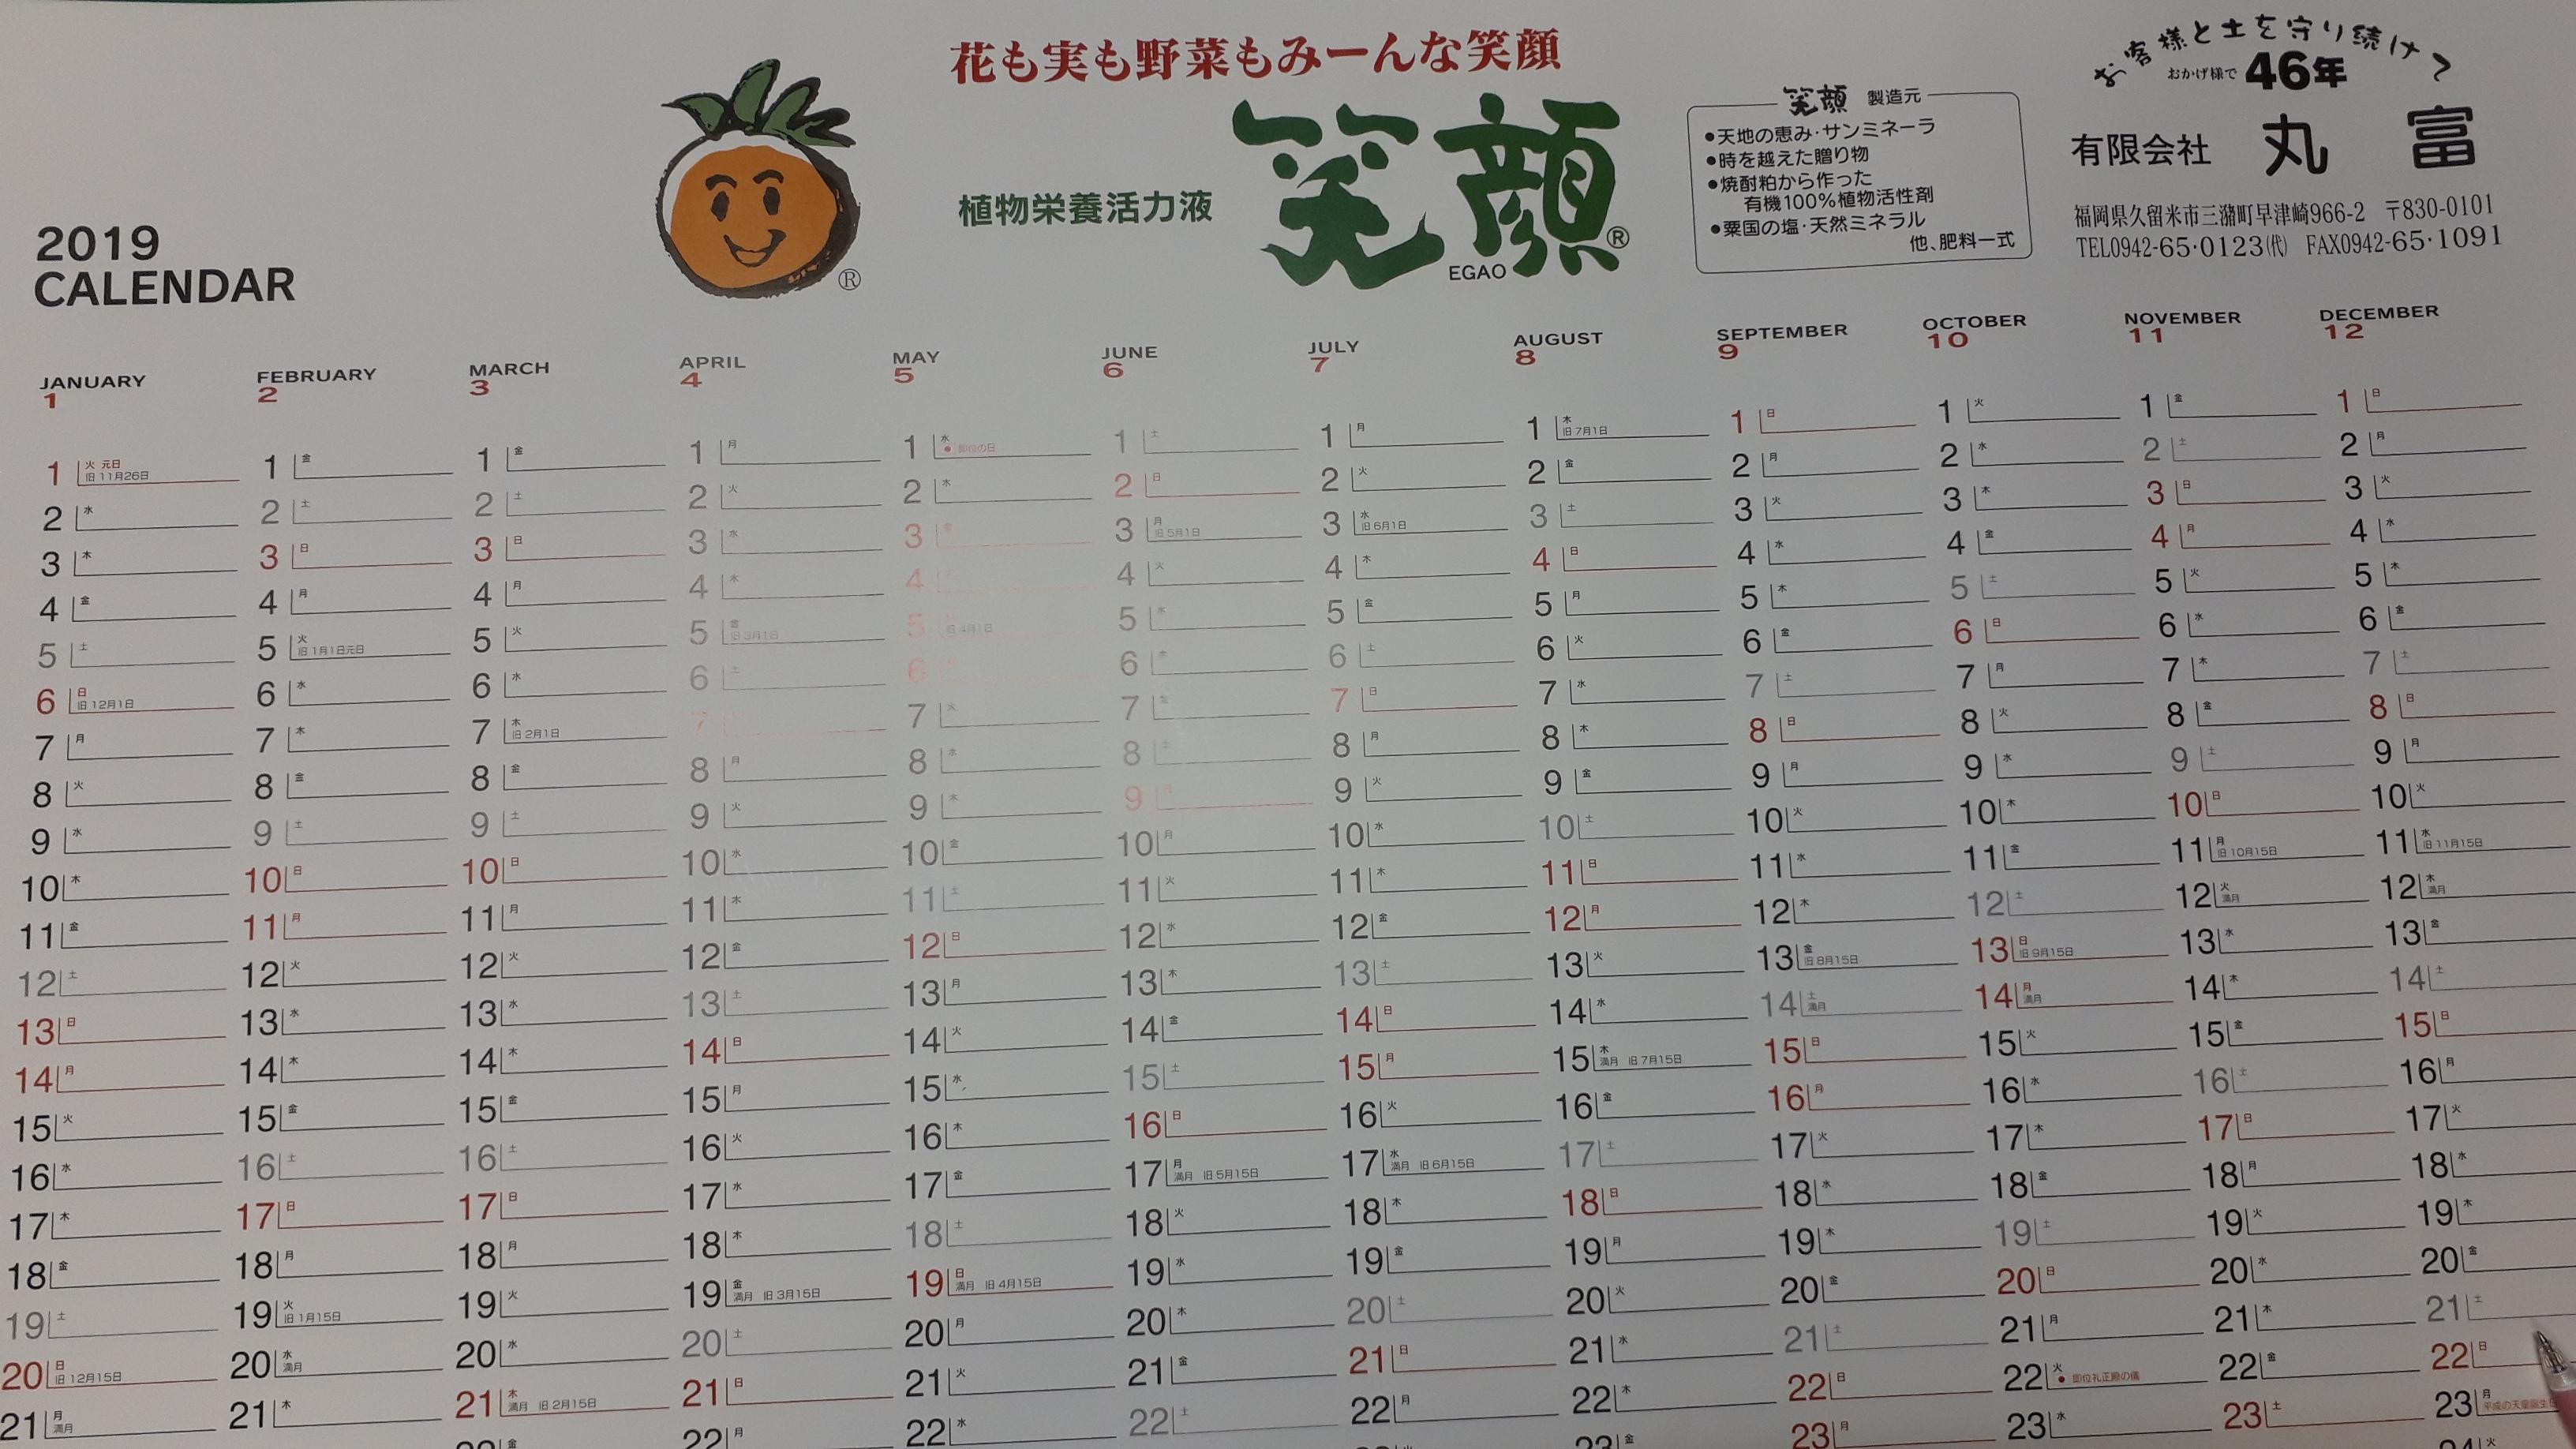 来年のカレンダーが出来ました👍